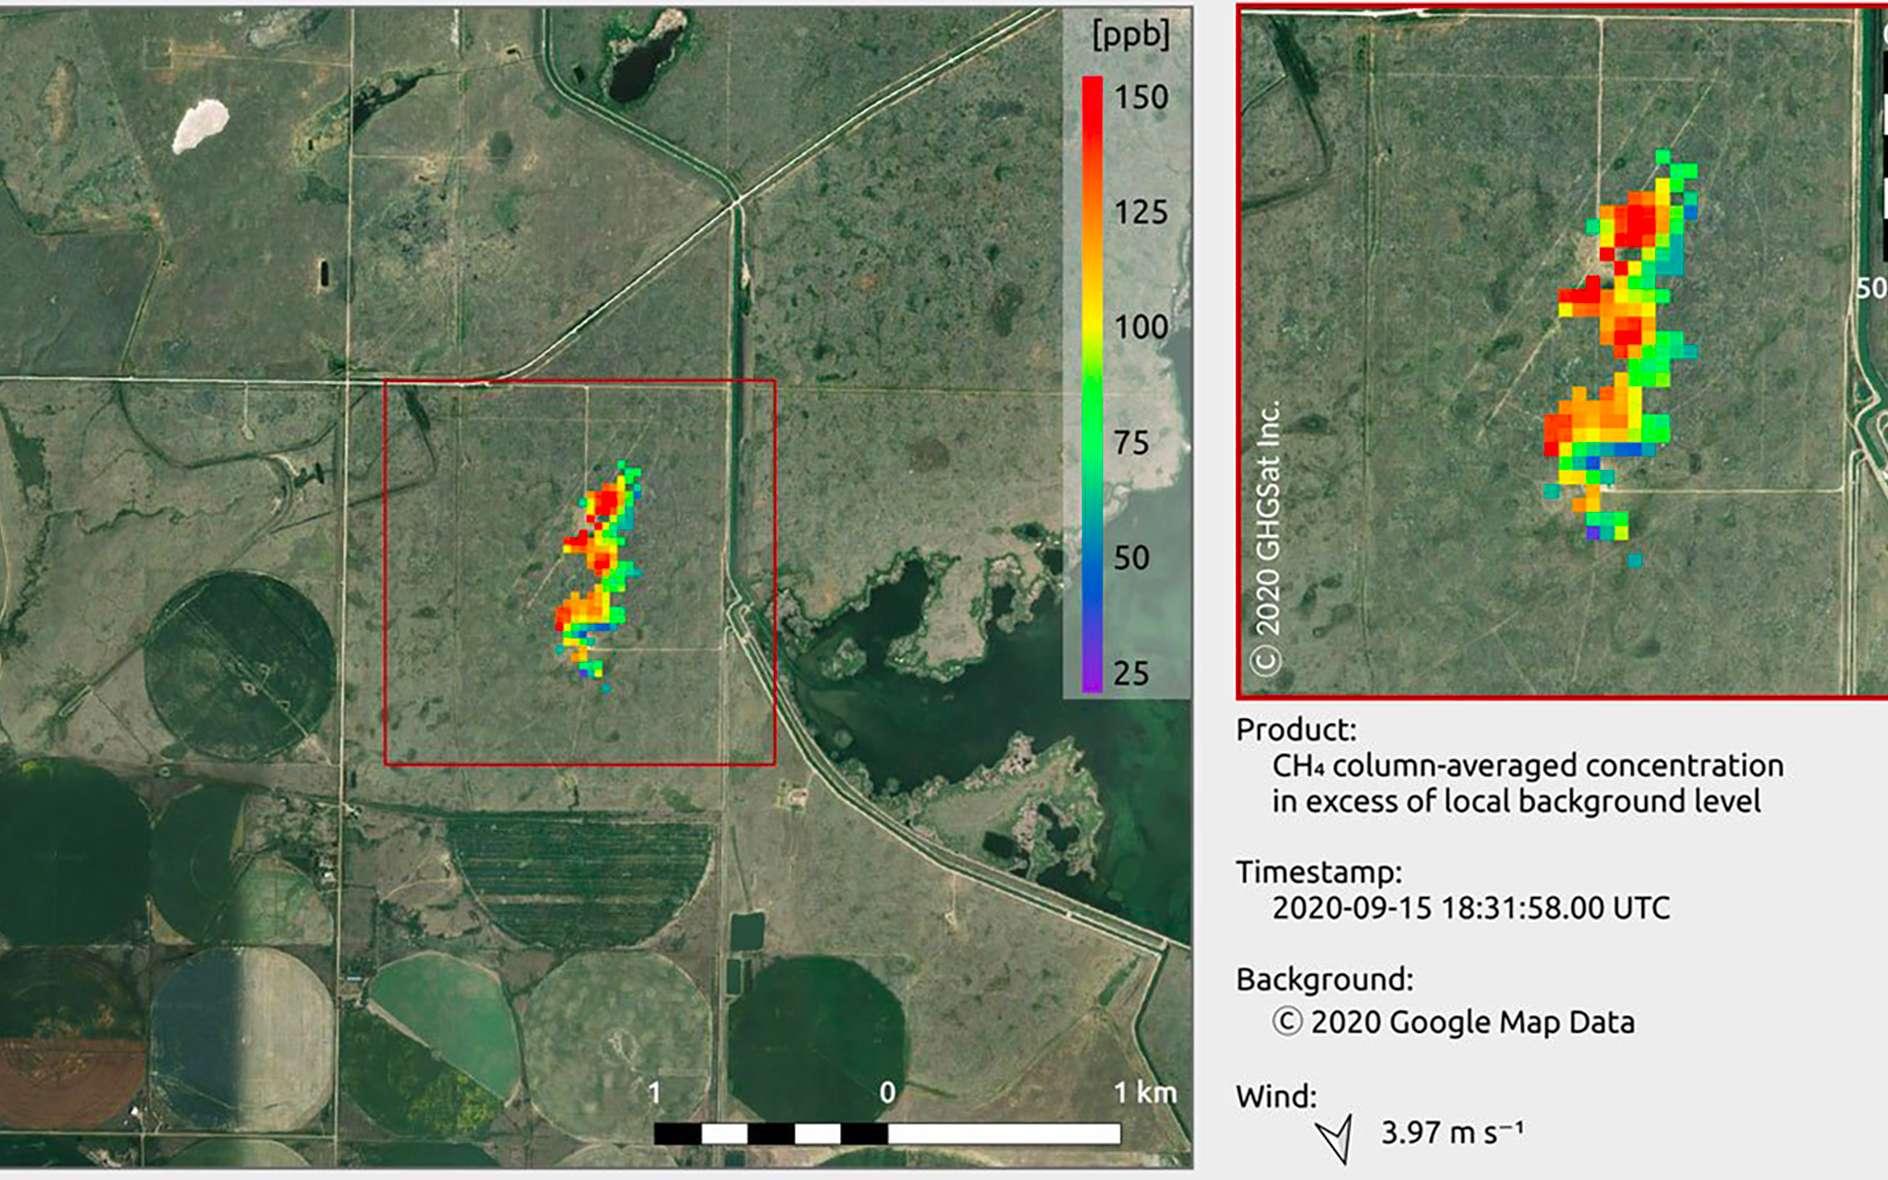 Premières données du deuxième satellite de surveillance des émissions de méthane de GHGSat. La performance du satellite (Iris) a été vérifiée avec le rejet contrôlé de méthane en Alberta au Canada. © GHGSat Inc